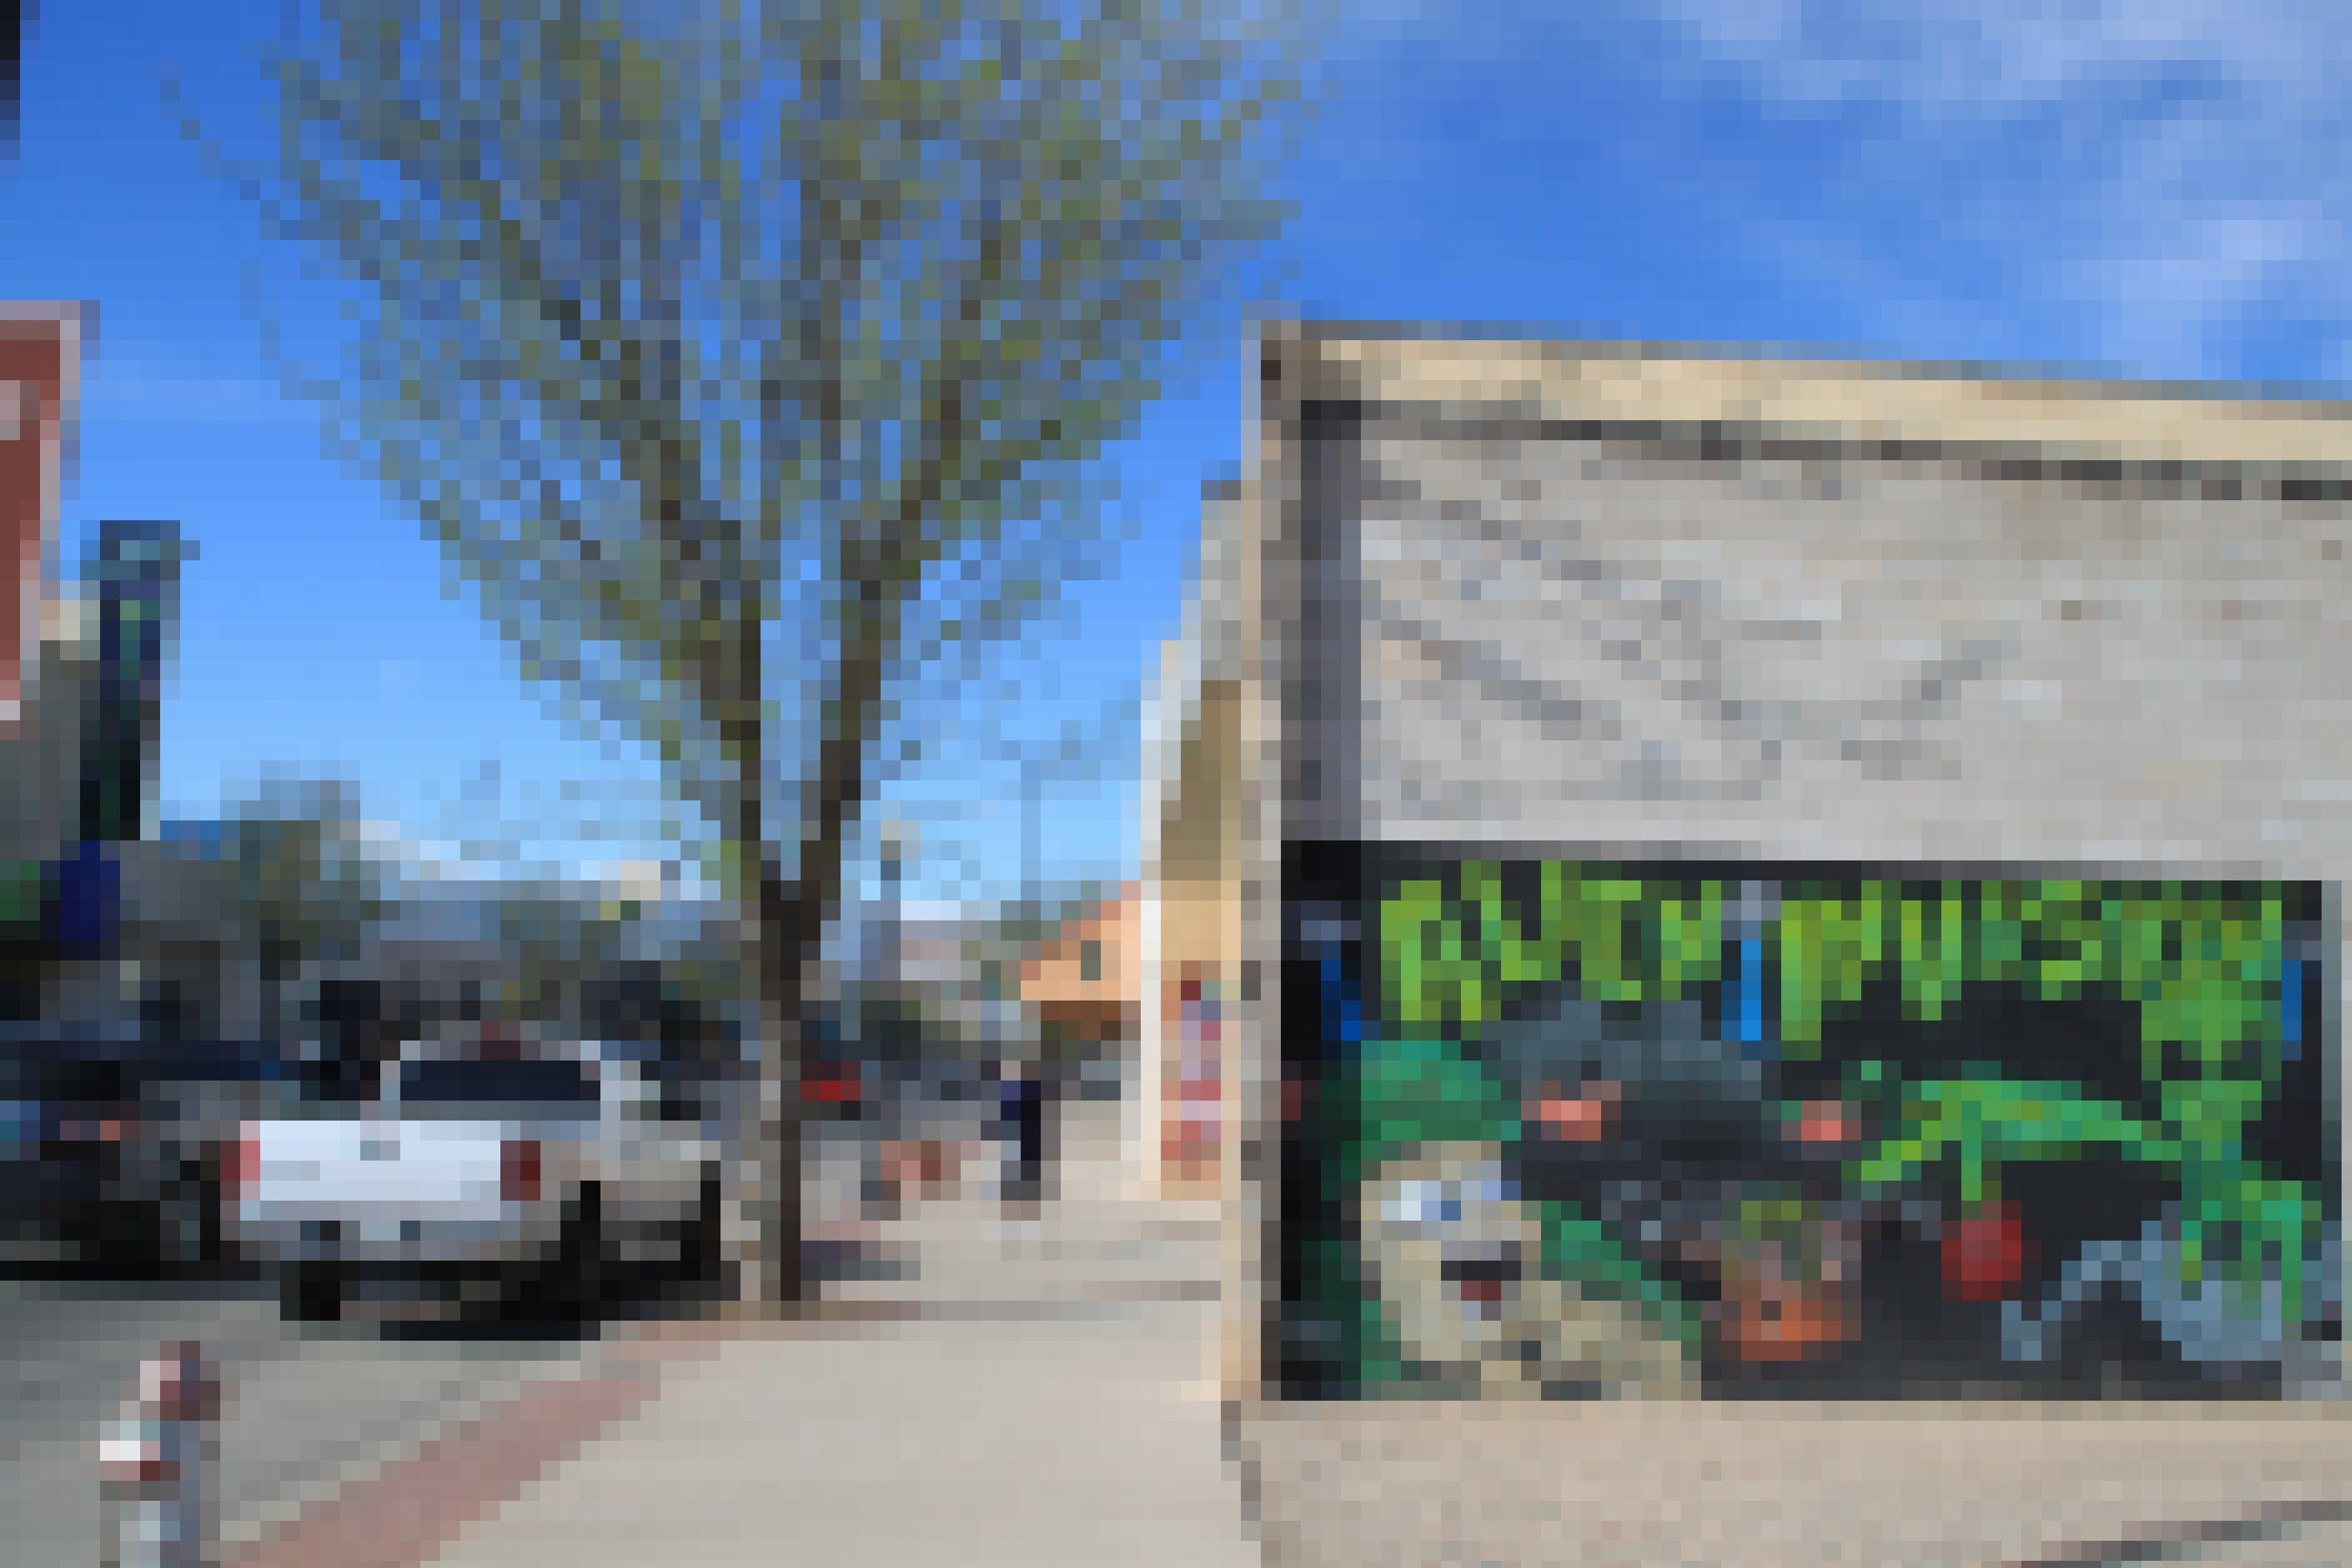 Ein Graffito zeigt Außerirdische, die eine menschliche Stadt angreifen.